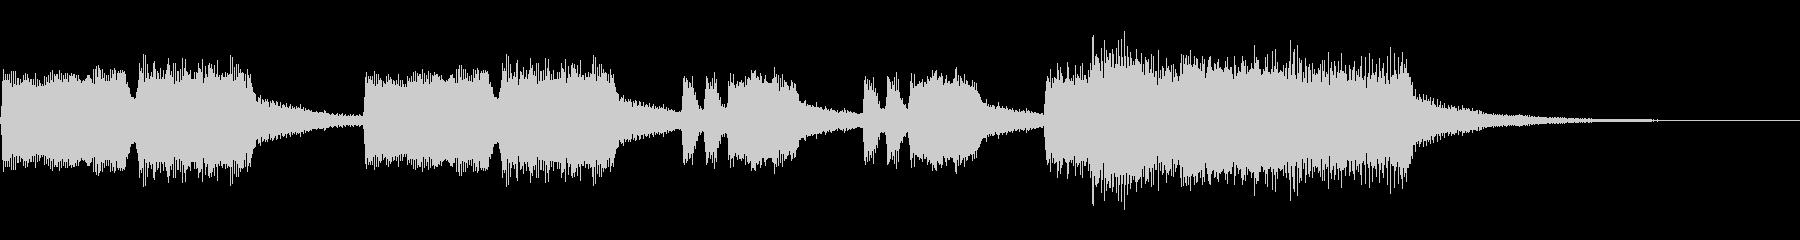 ハレルヤ2~ゆったりしたパイプオルガン~の未再生の波形